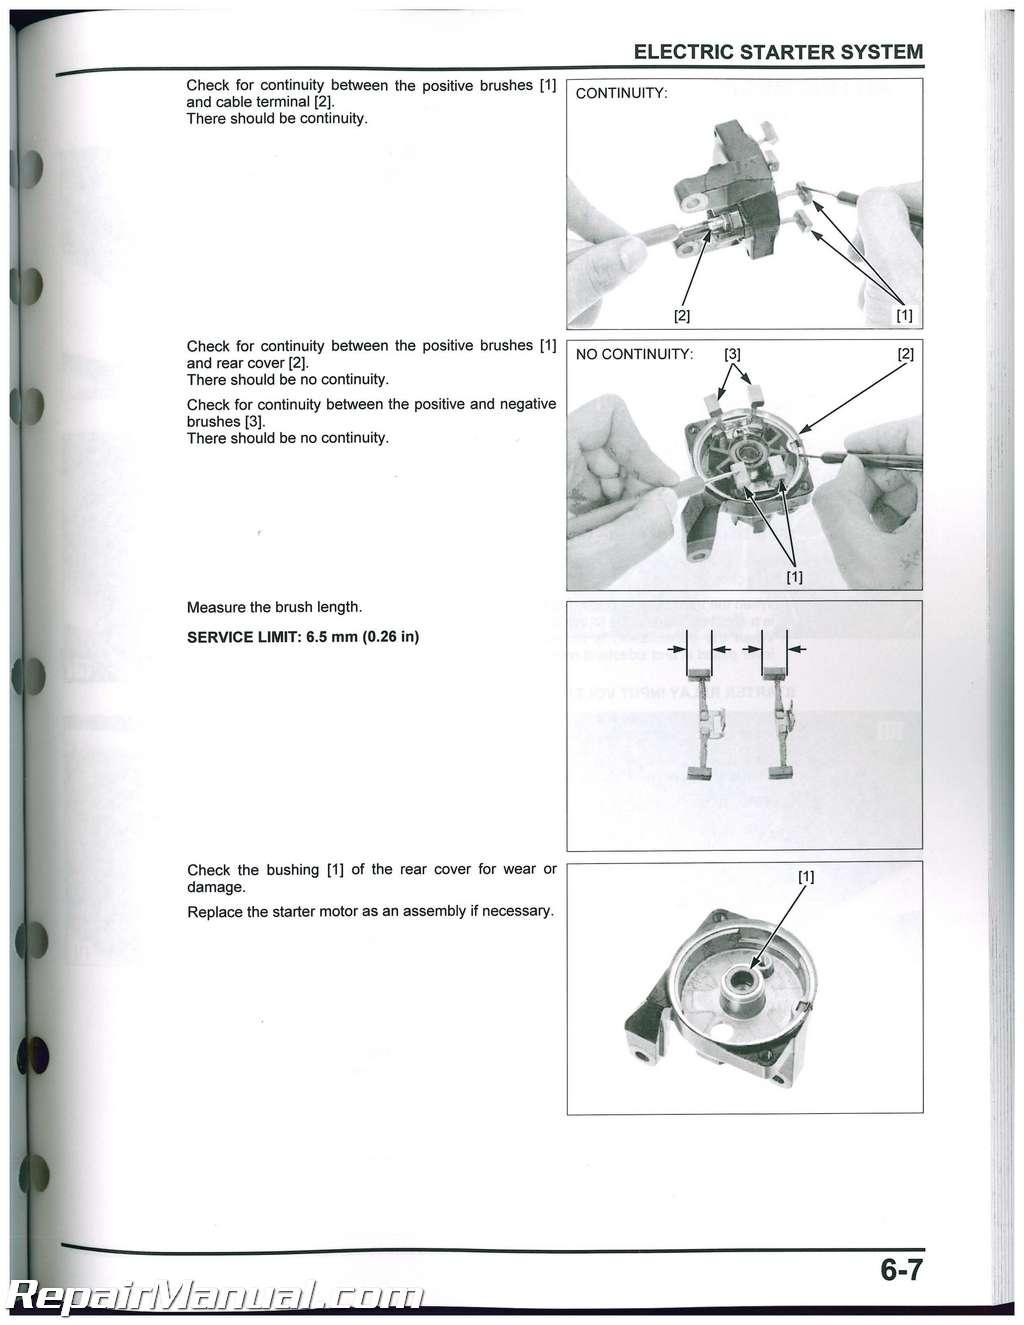 Crf250l Honda Motorcycle Service Manual 2013